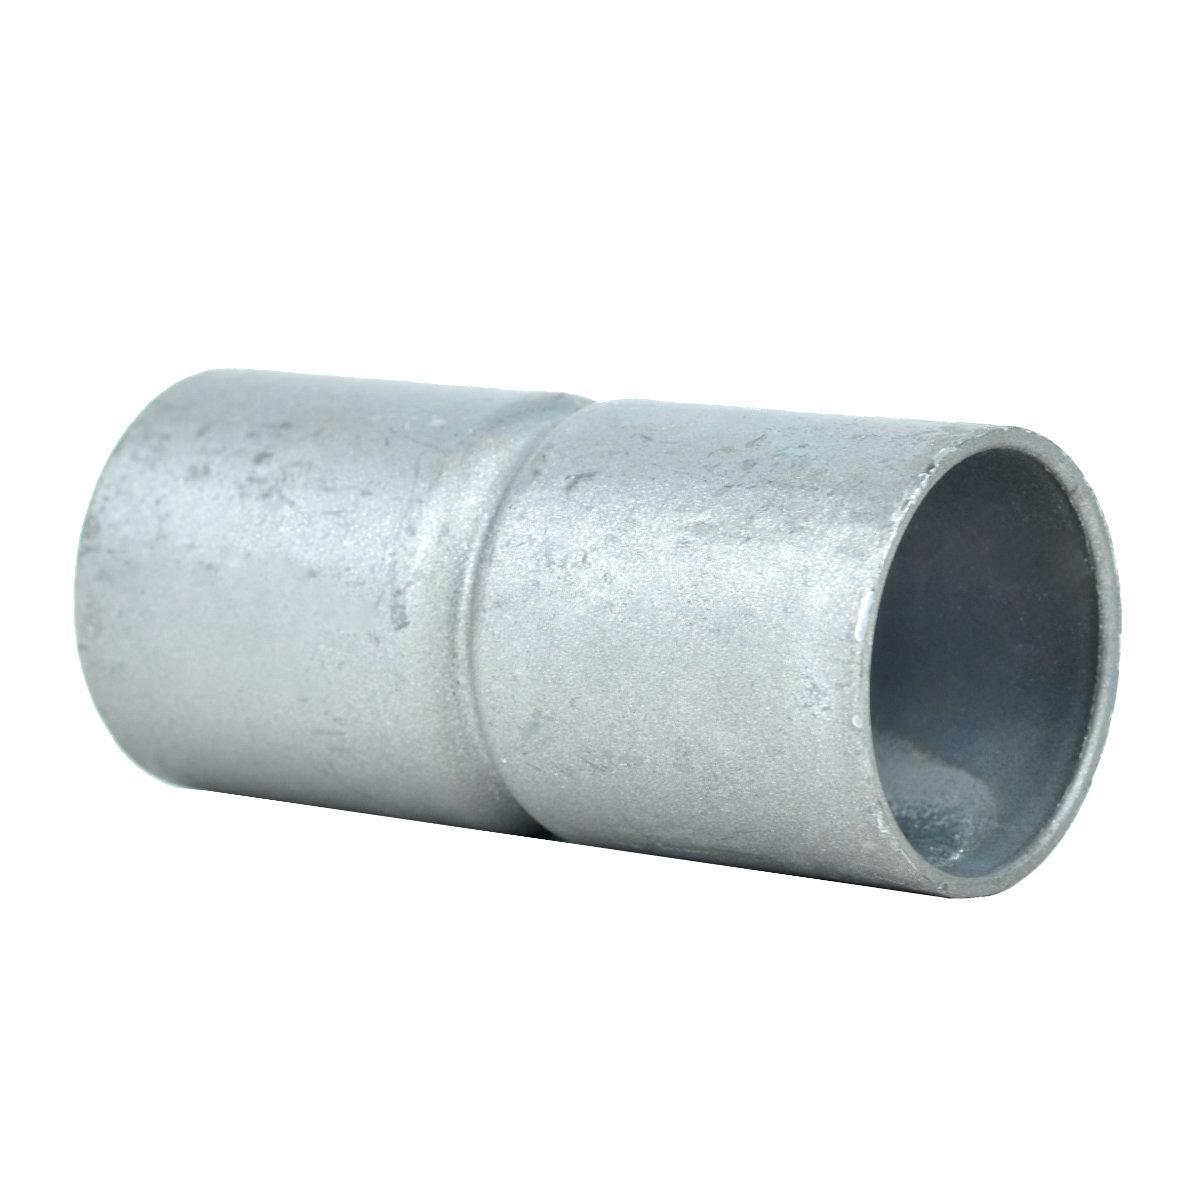 Муфта безрізьбова для труби; сталь лакована шар цинку 60-100мкм стійкість корозії- 2 кат.; упаковка 25 шт